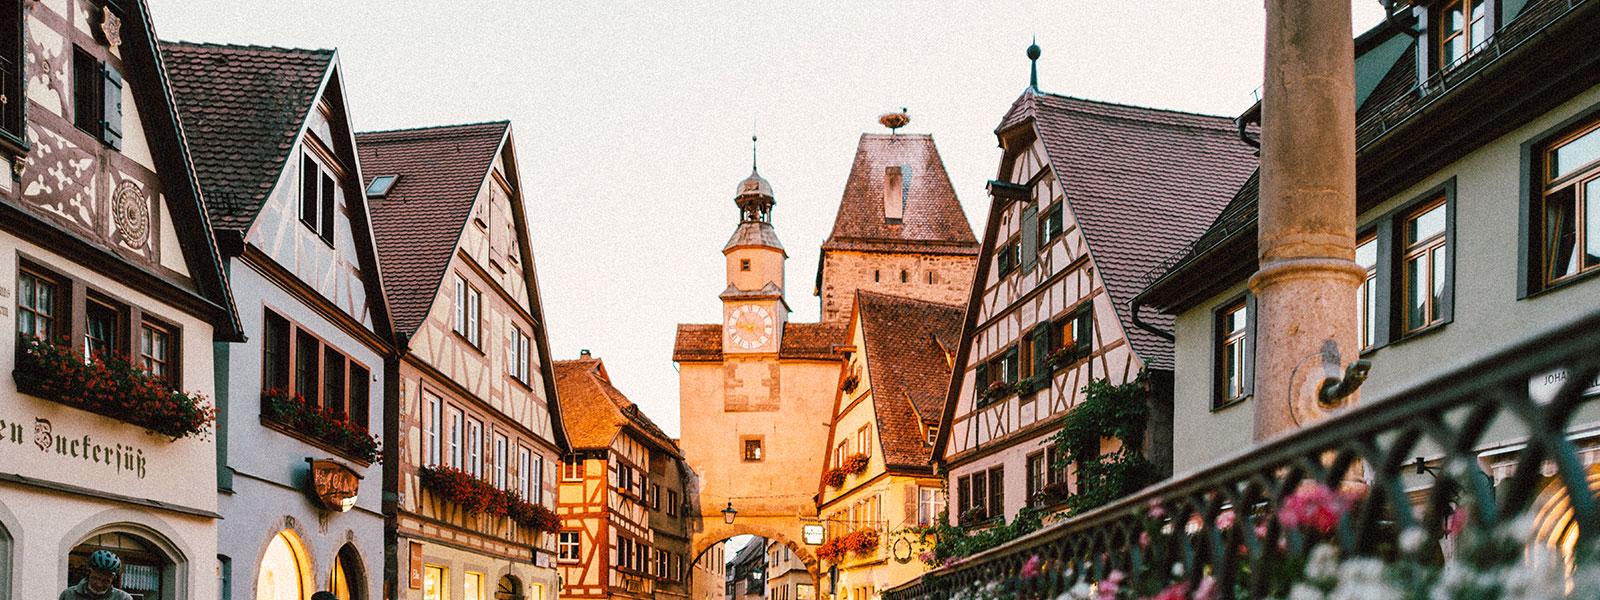 Street in Germany